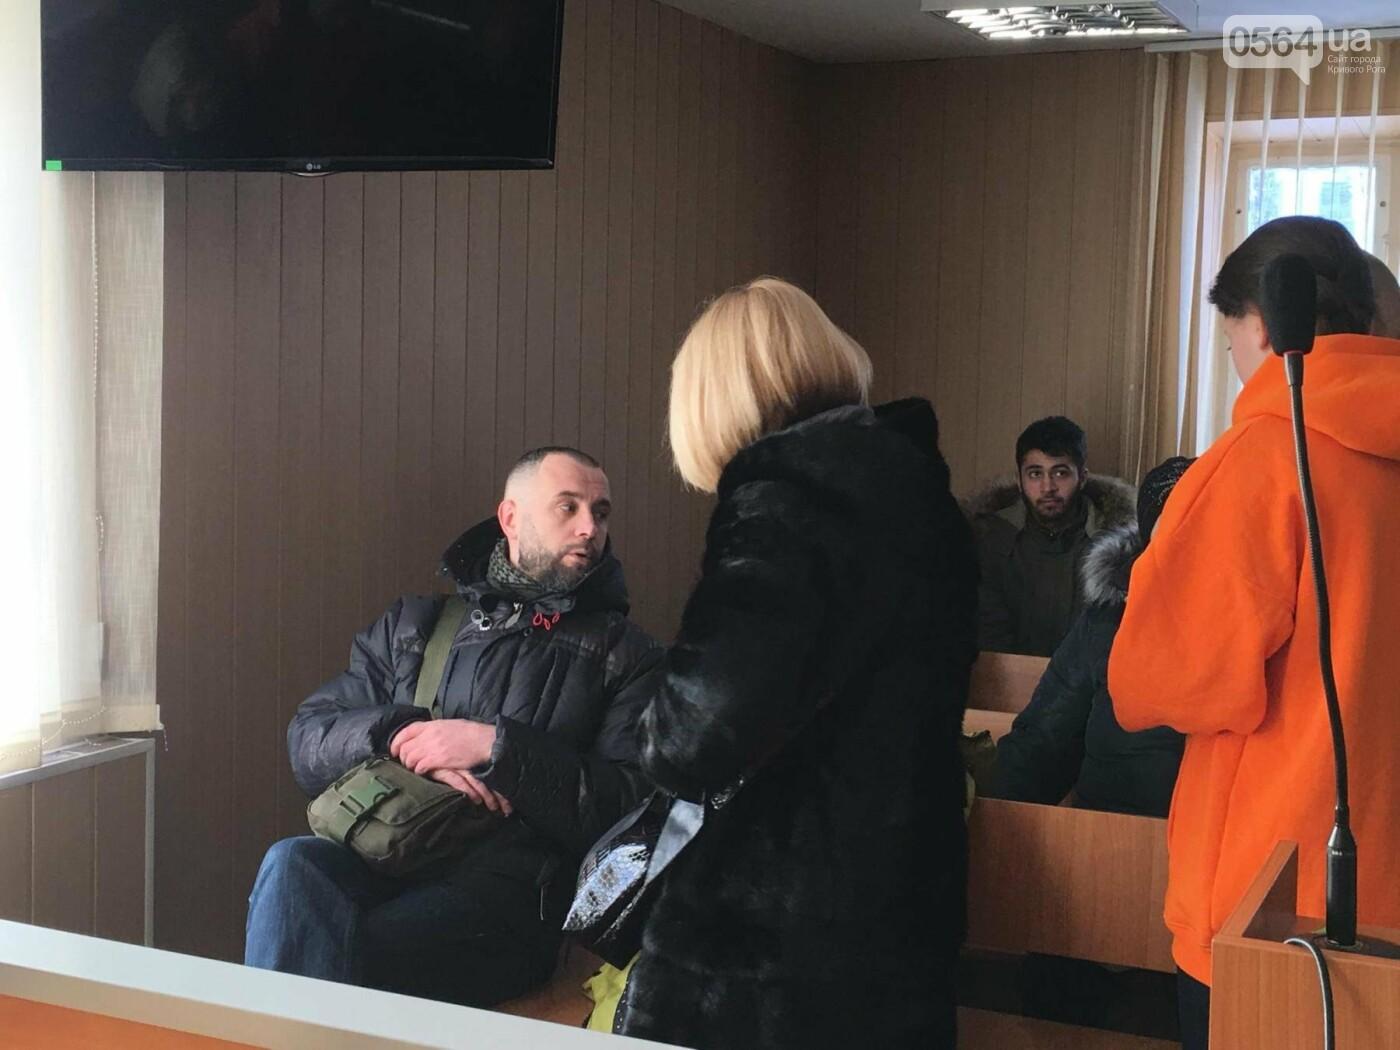 Дело о надругательстве над Флагом в Кривом Роге: Важного свидетеля доставят в суд принудительно (ОБНОВЛЕНО, ФОТО), фото-21